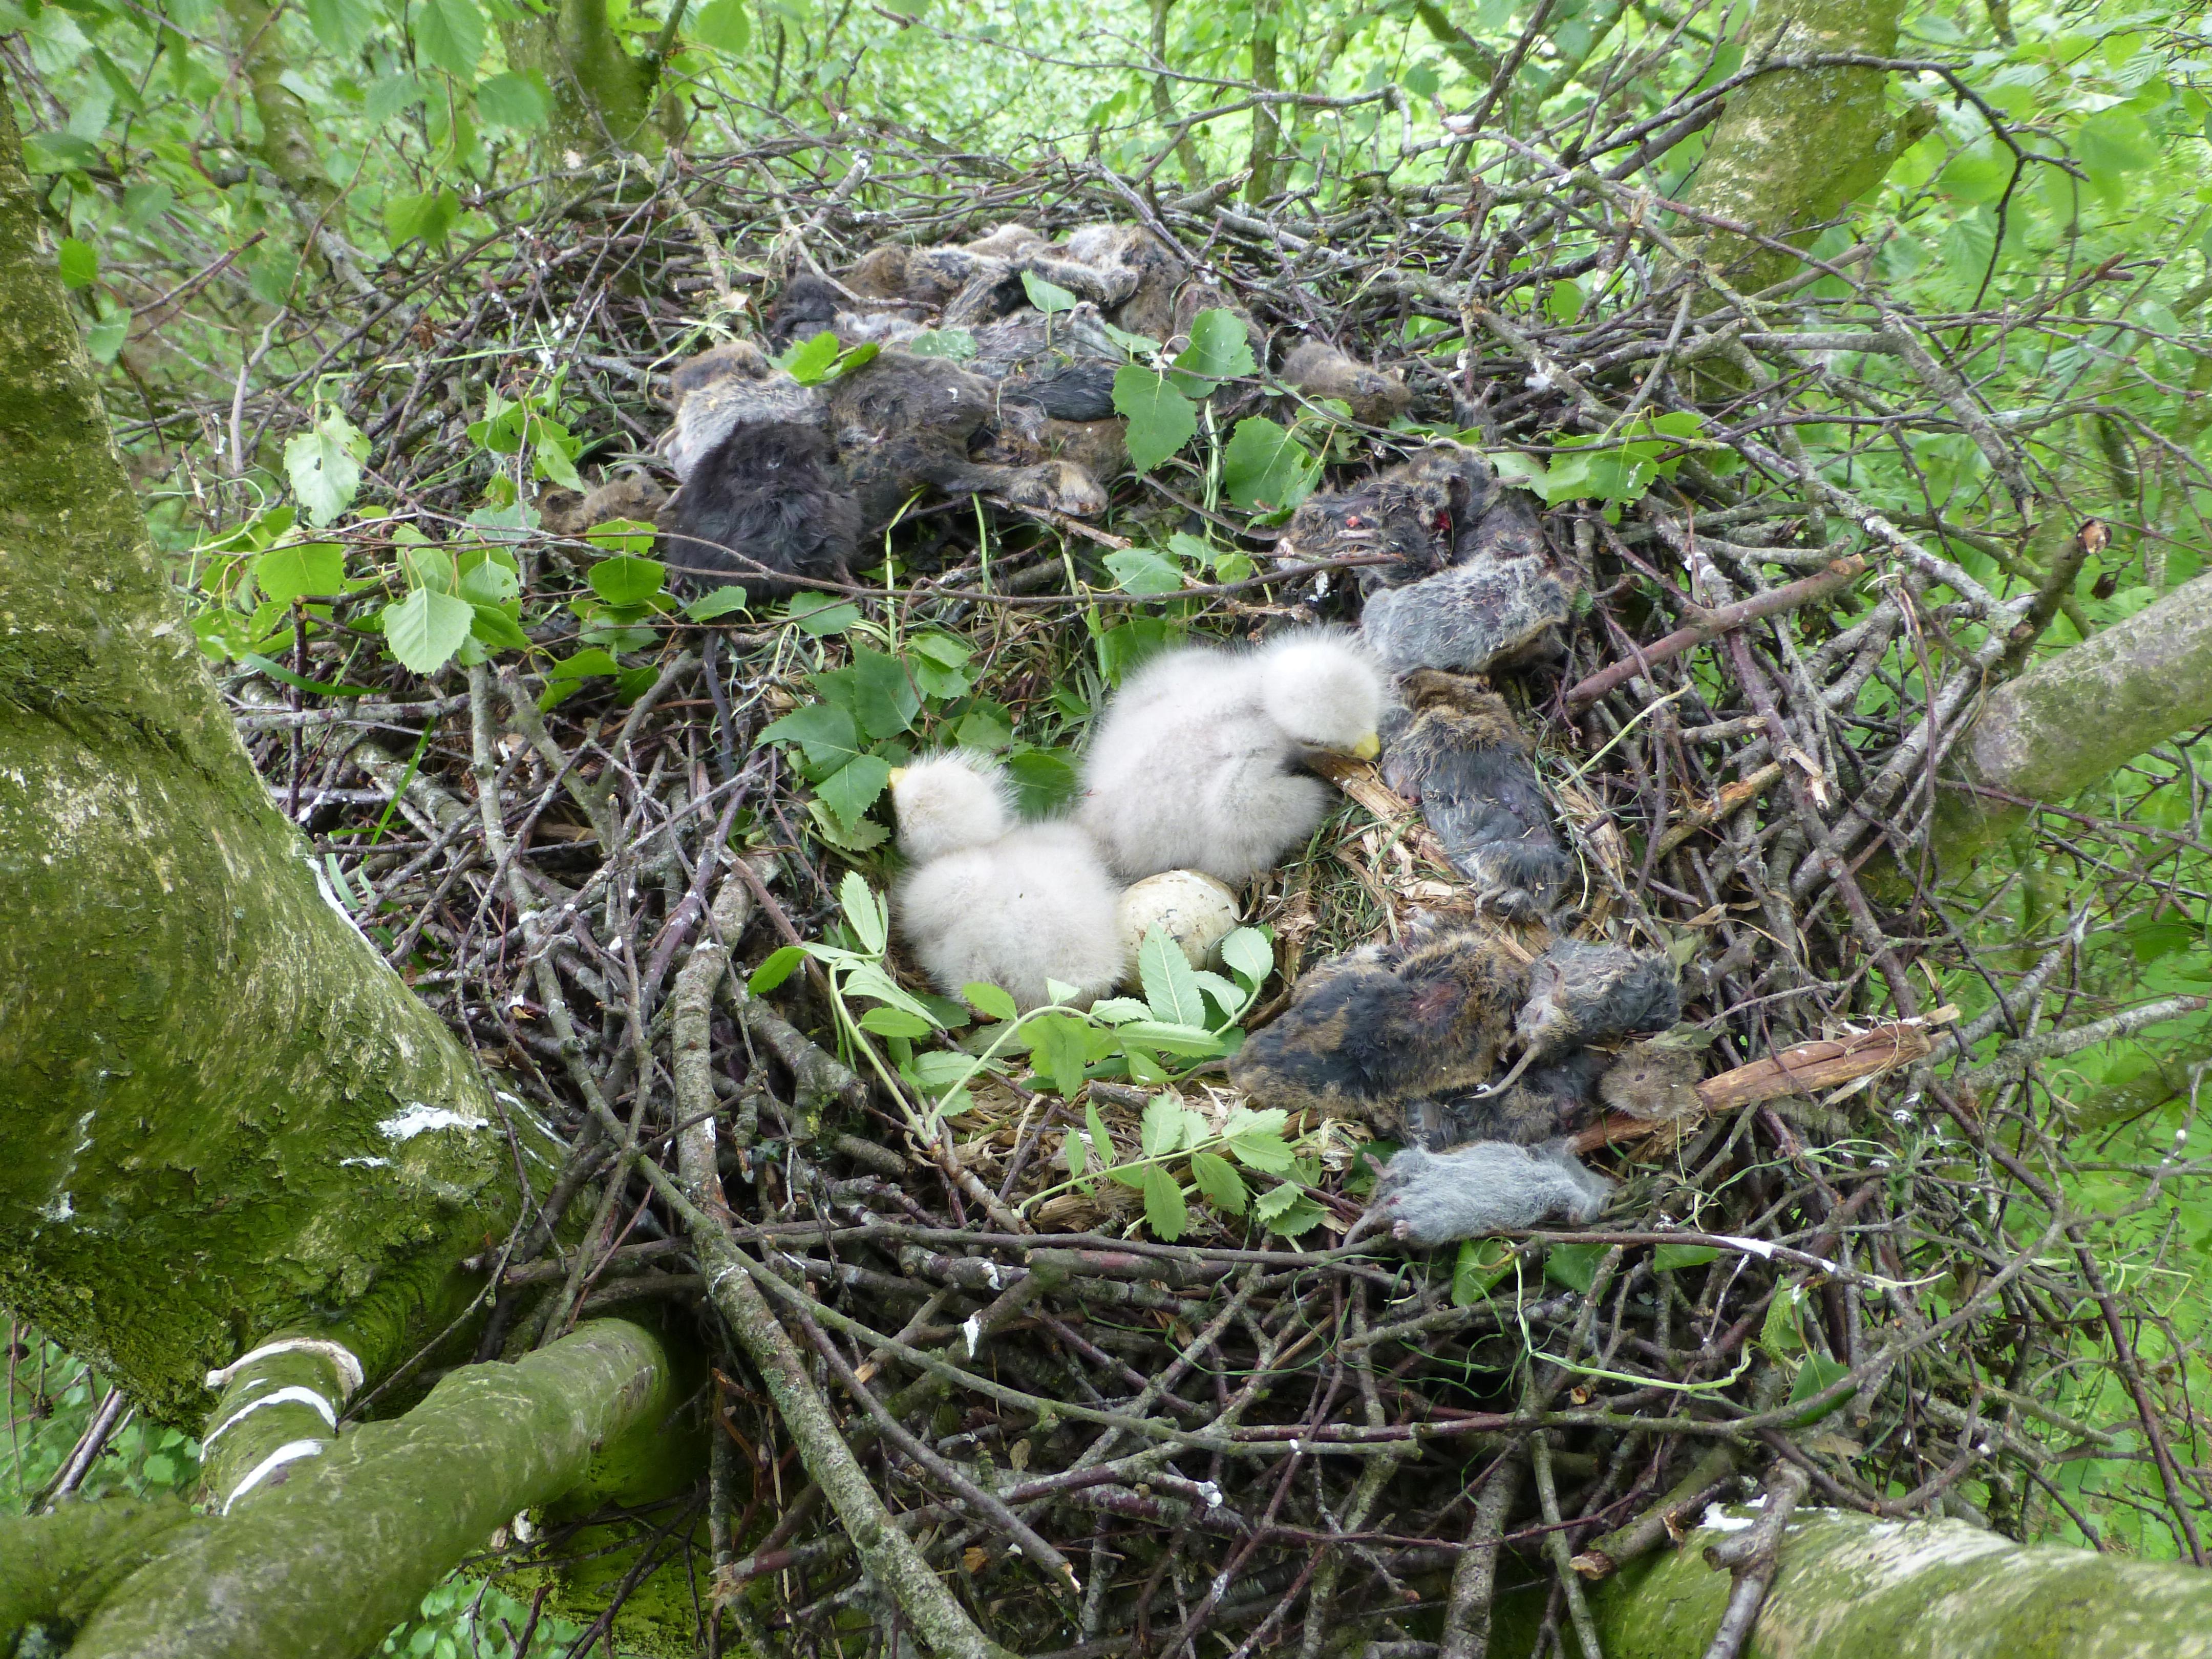 Wat is er allemaal te zien op deze foto: 45 Veldmuizen, 5 Bosmuizen, 4 Woelratten, 1 jonge Haas en 1 vis (waarschijnlijk Brasem) foto: Mosk, 6-5-2014